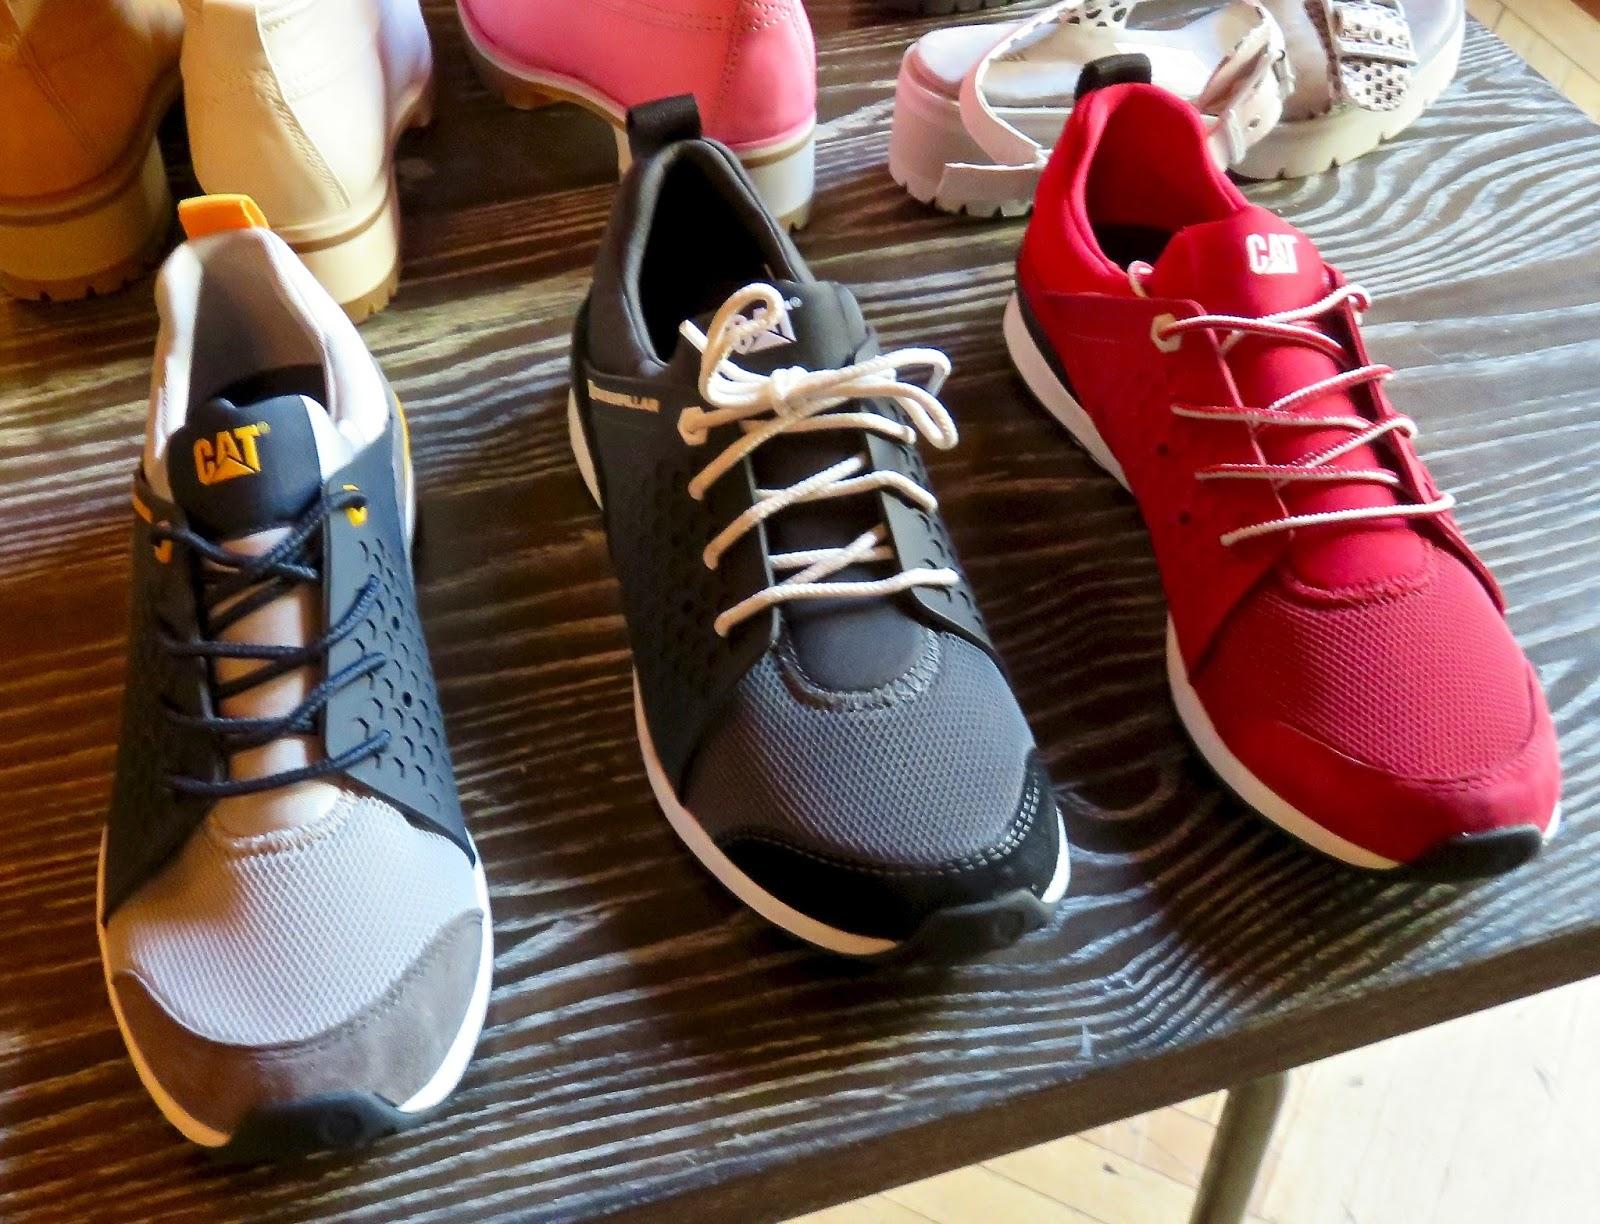 UNEXPECTED hybrid oxford sneaker-made of Wolverine Performance leather  /Mesh/Neoprene, nylon mesh sockliner, molded EVA midsole, Strobel  construction in ...